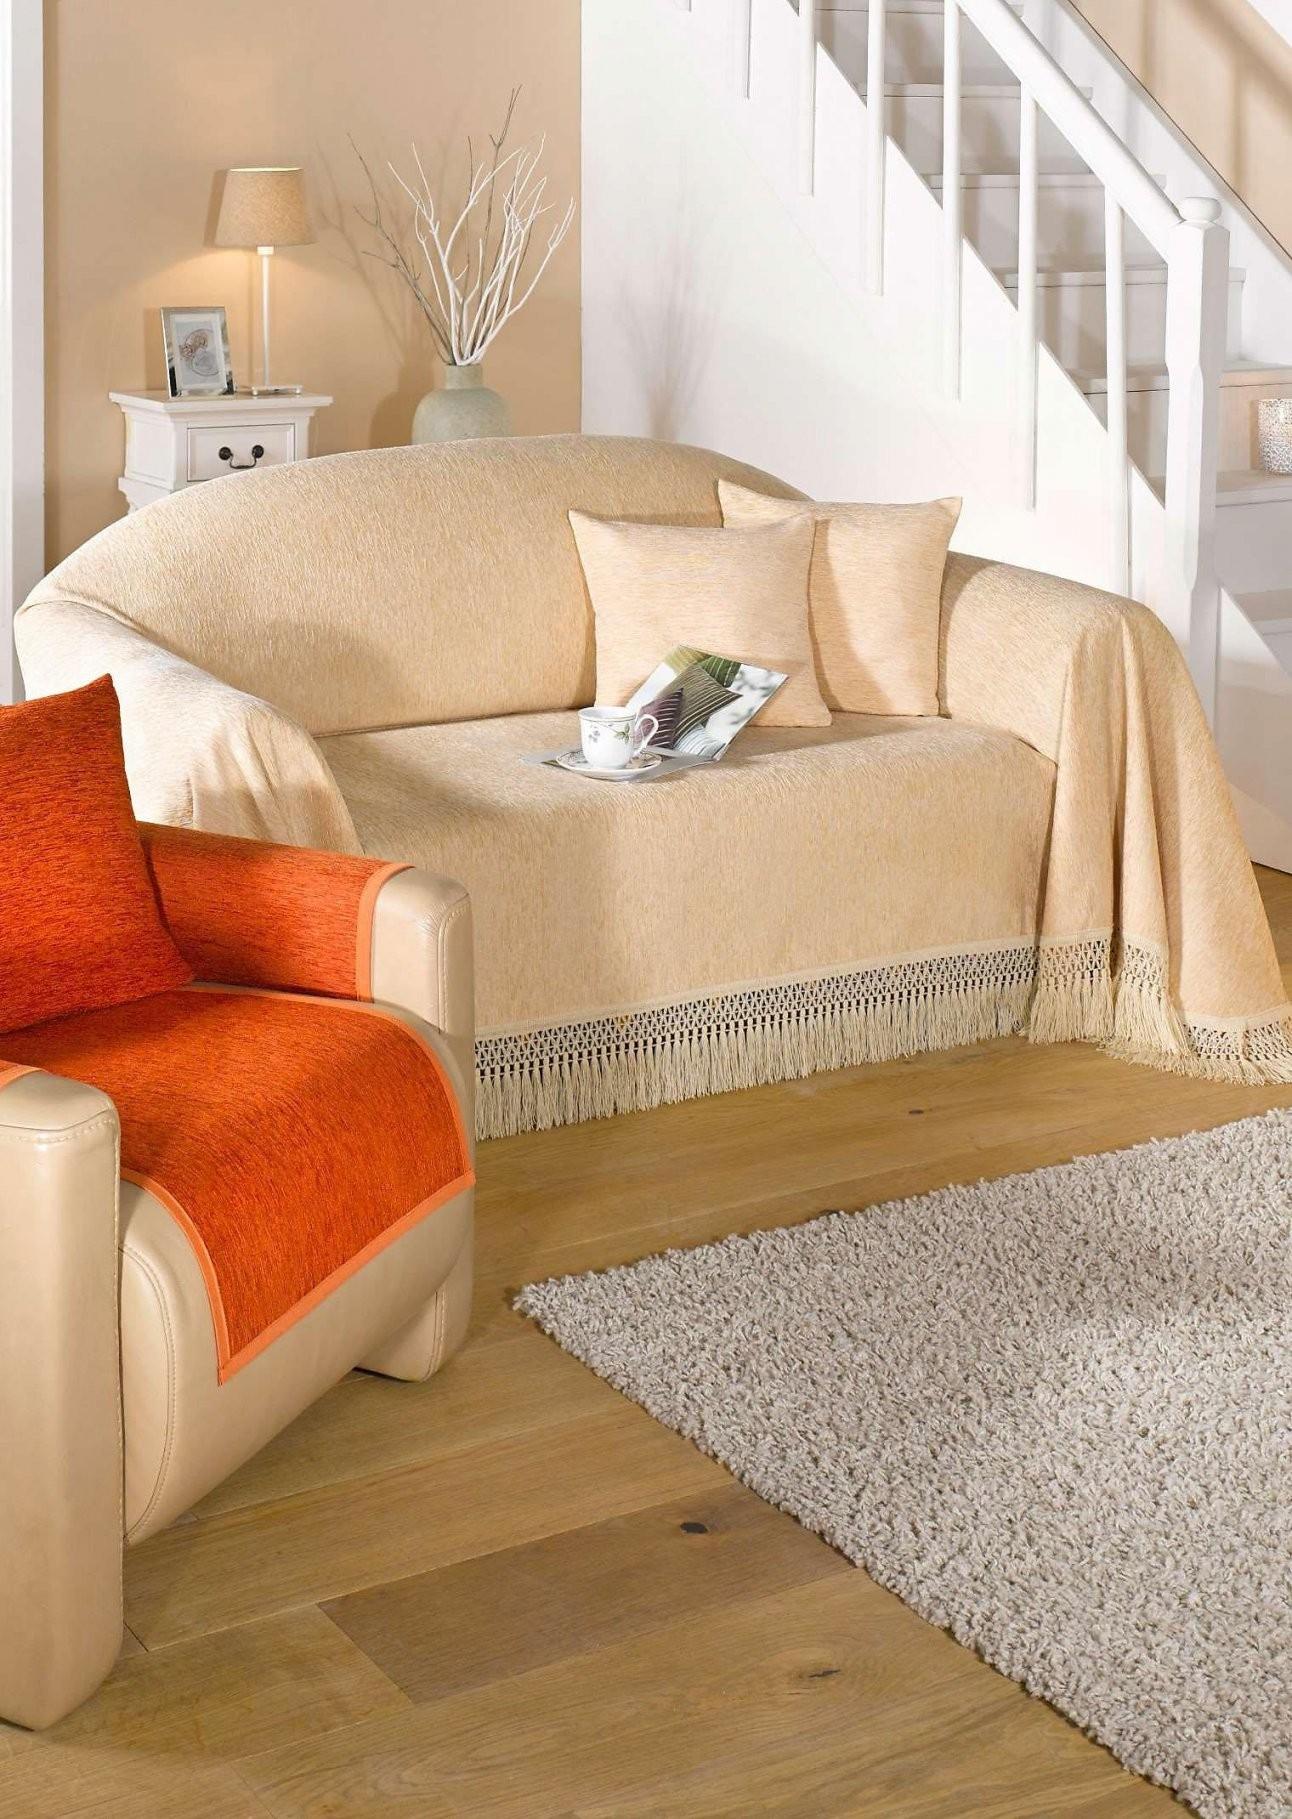 Sofaüberwurf Mit Fransen 3Sitzer Online Kaufen  Atelier Goldner von Sofaüberwurf 3 Sitzer Photo